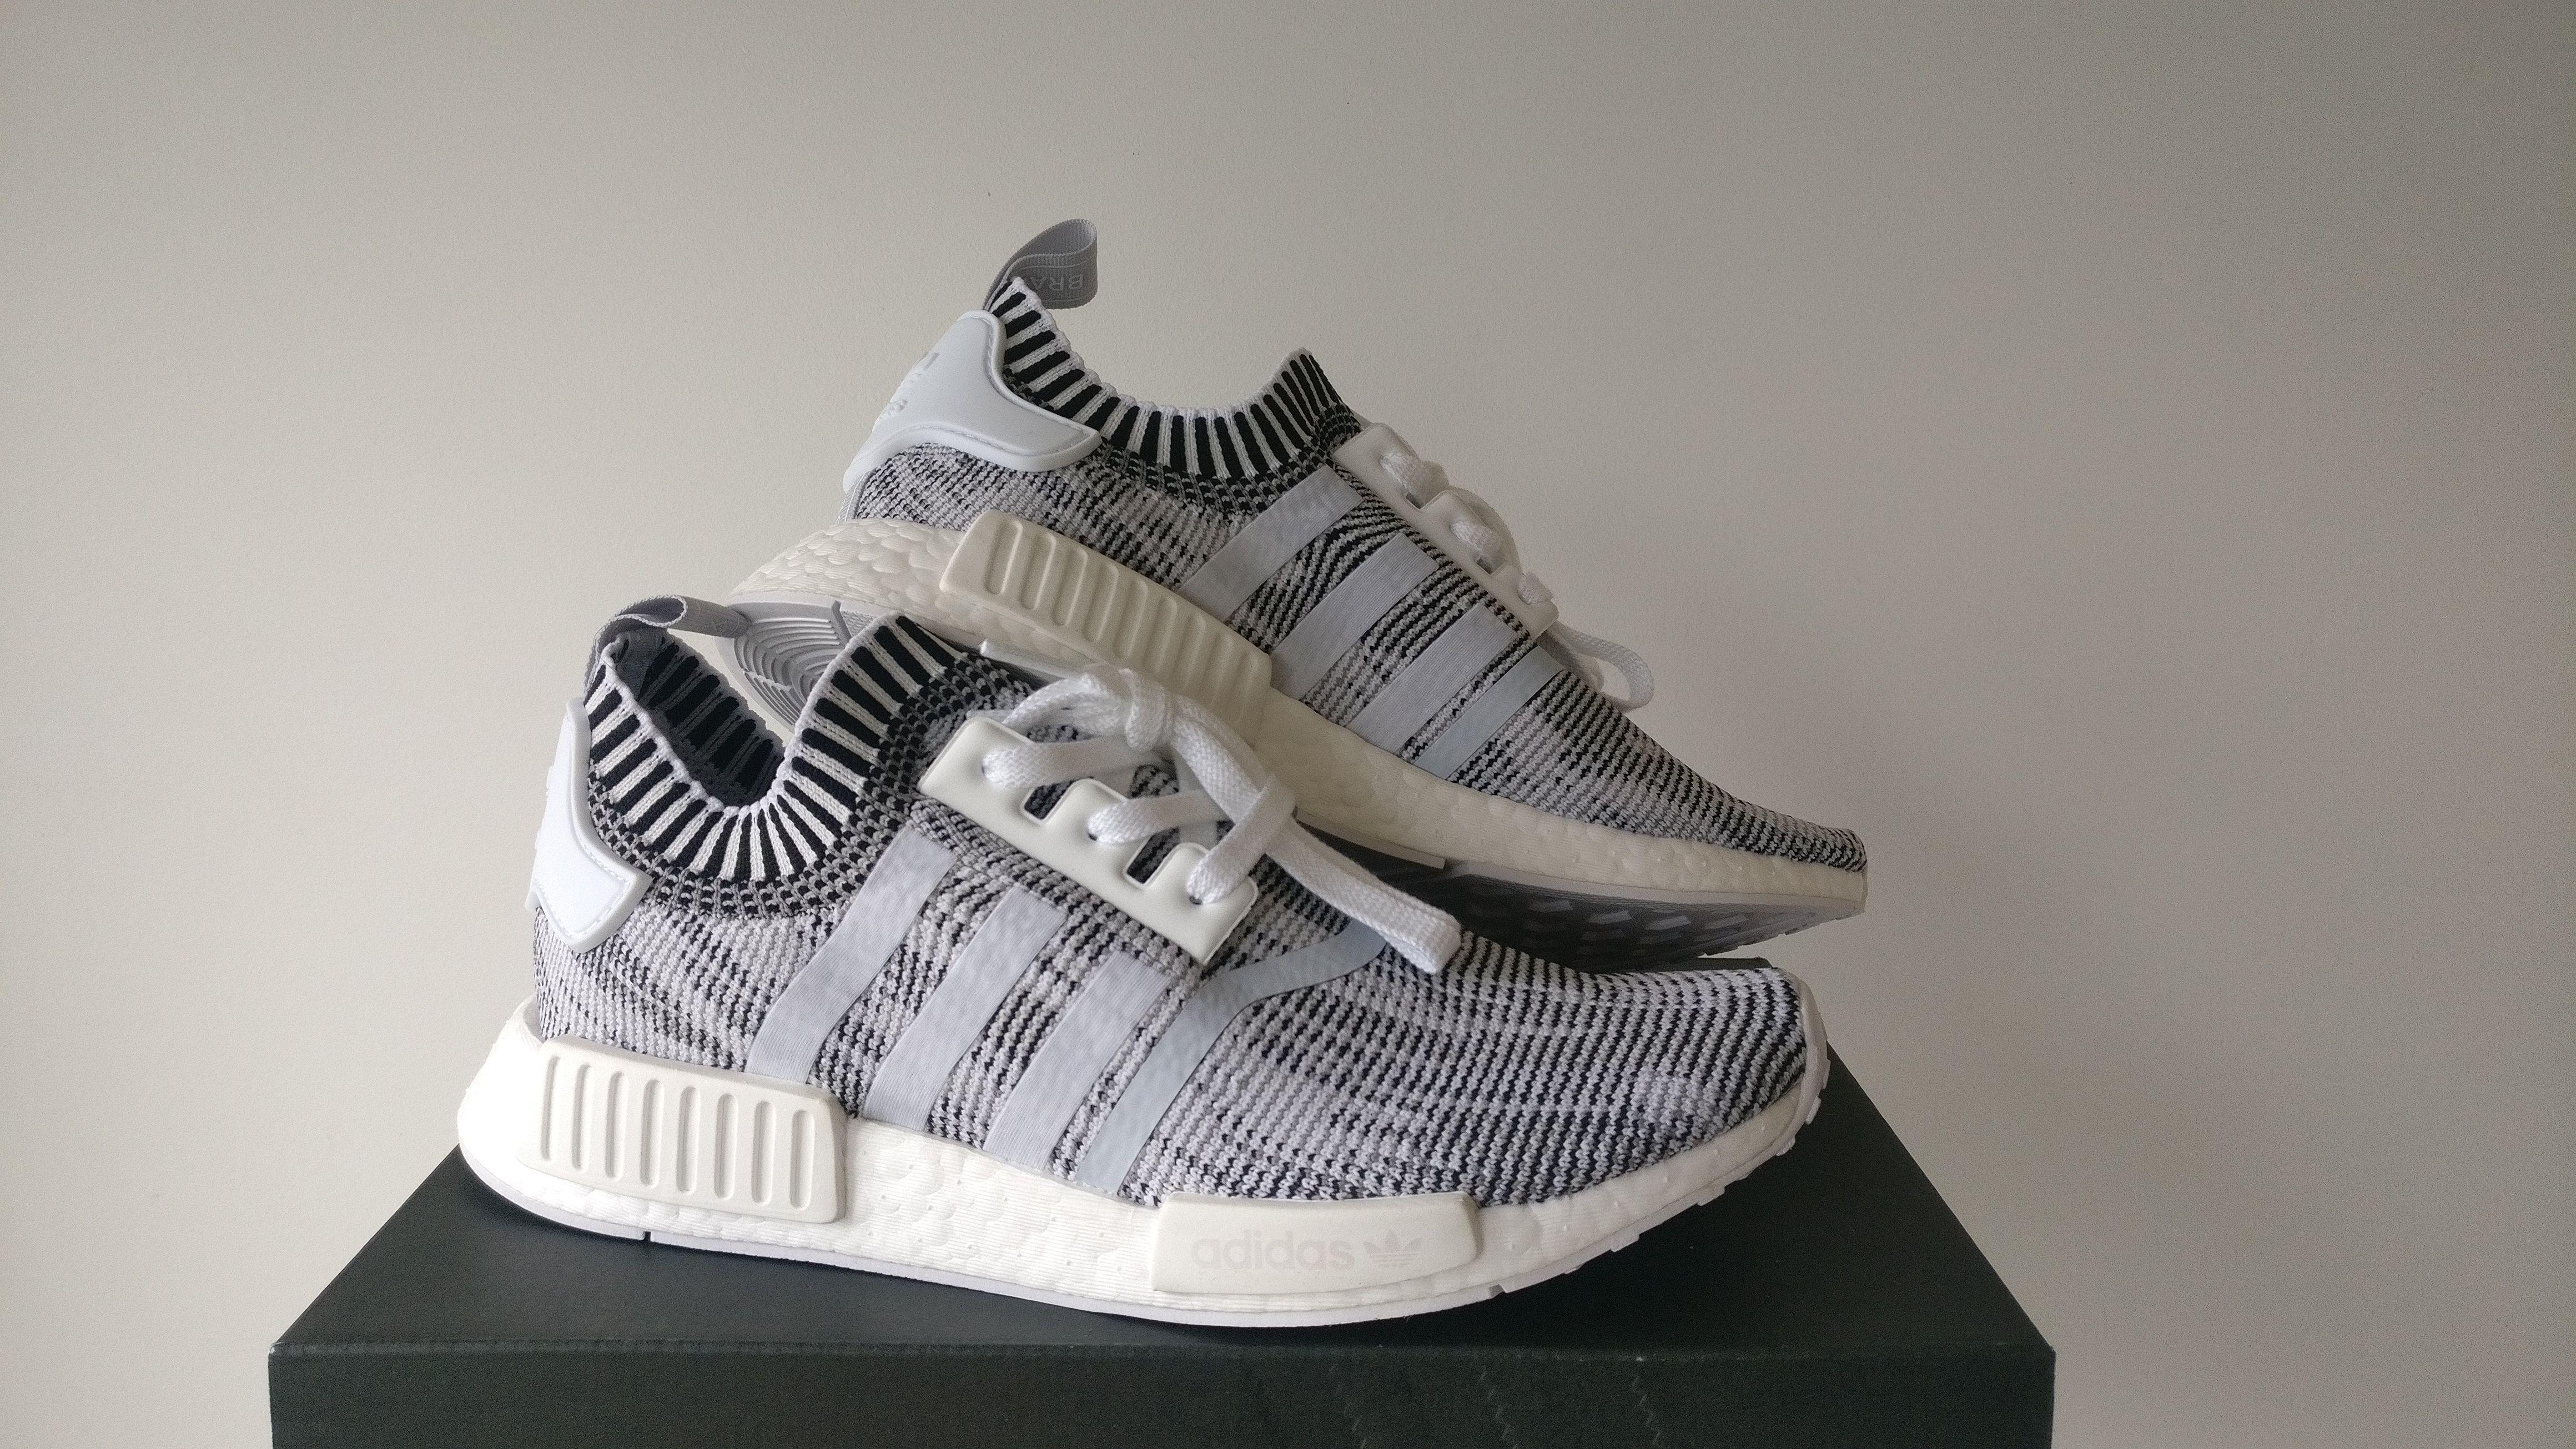 Skate shoes, Sneaker head, Adidas sneakers